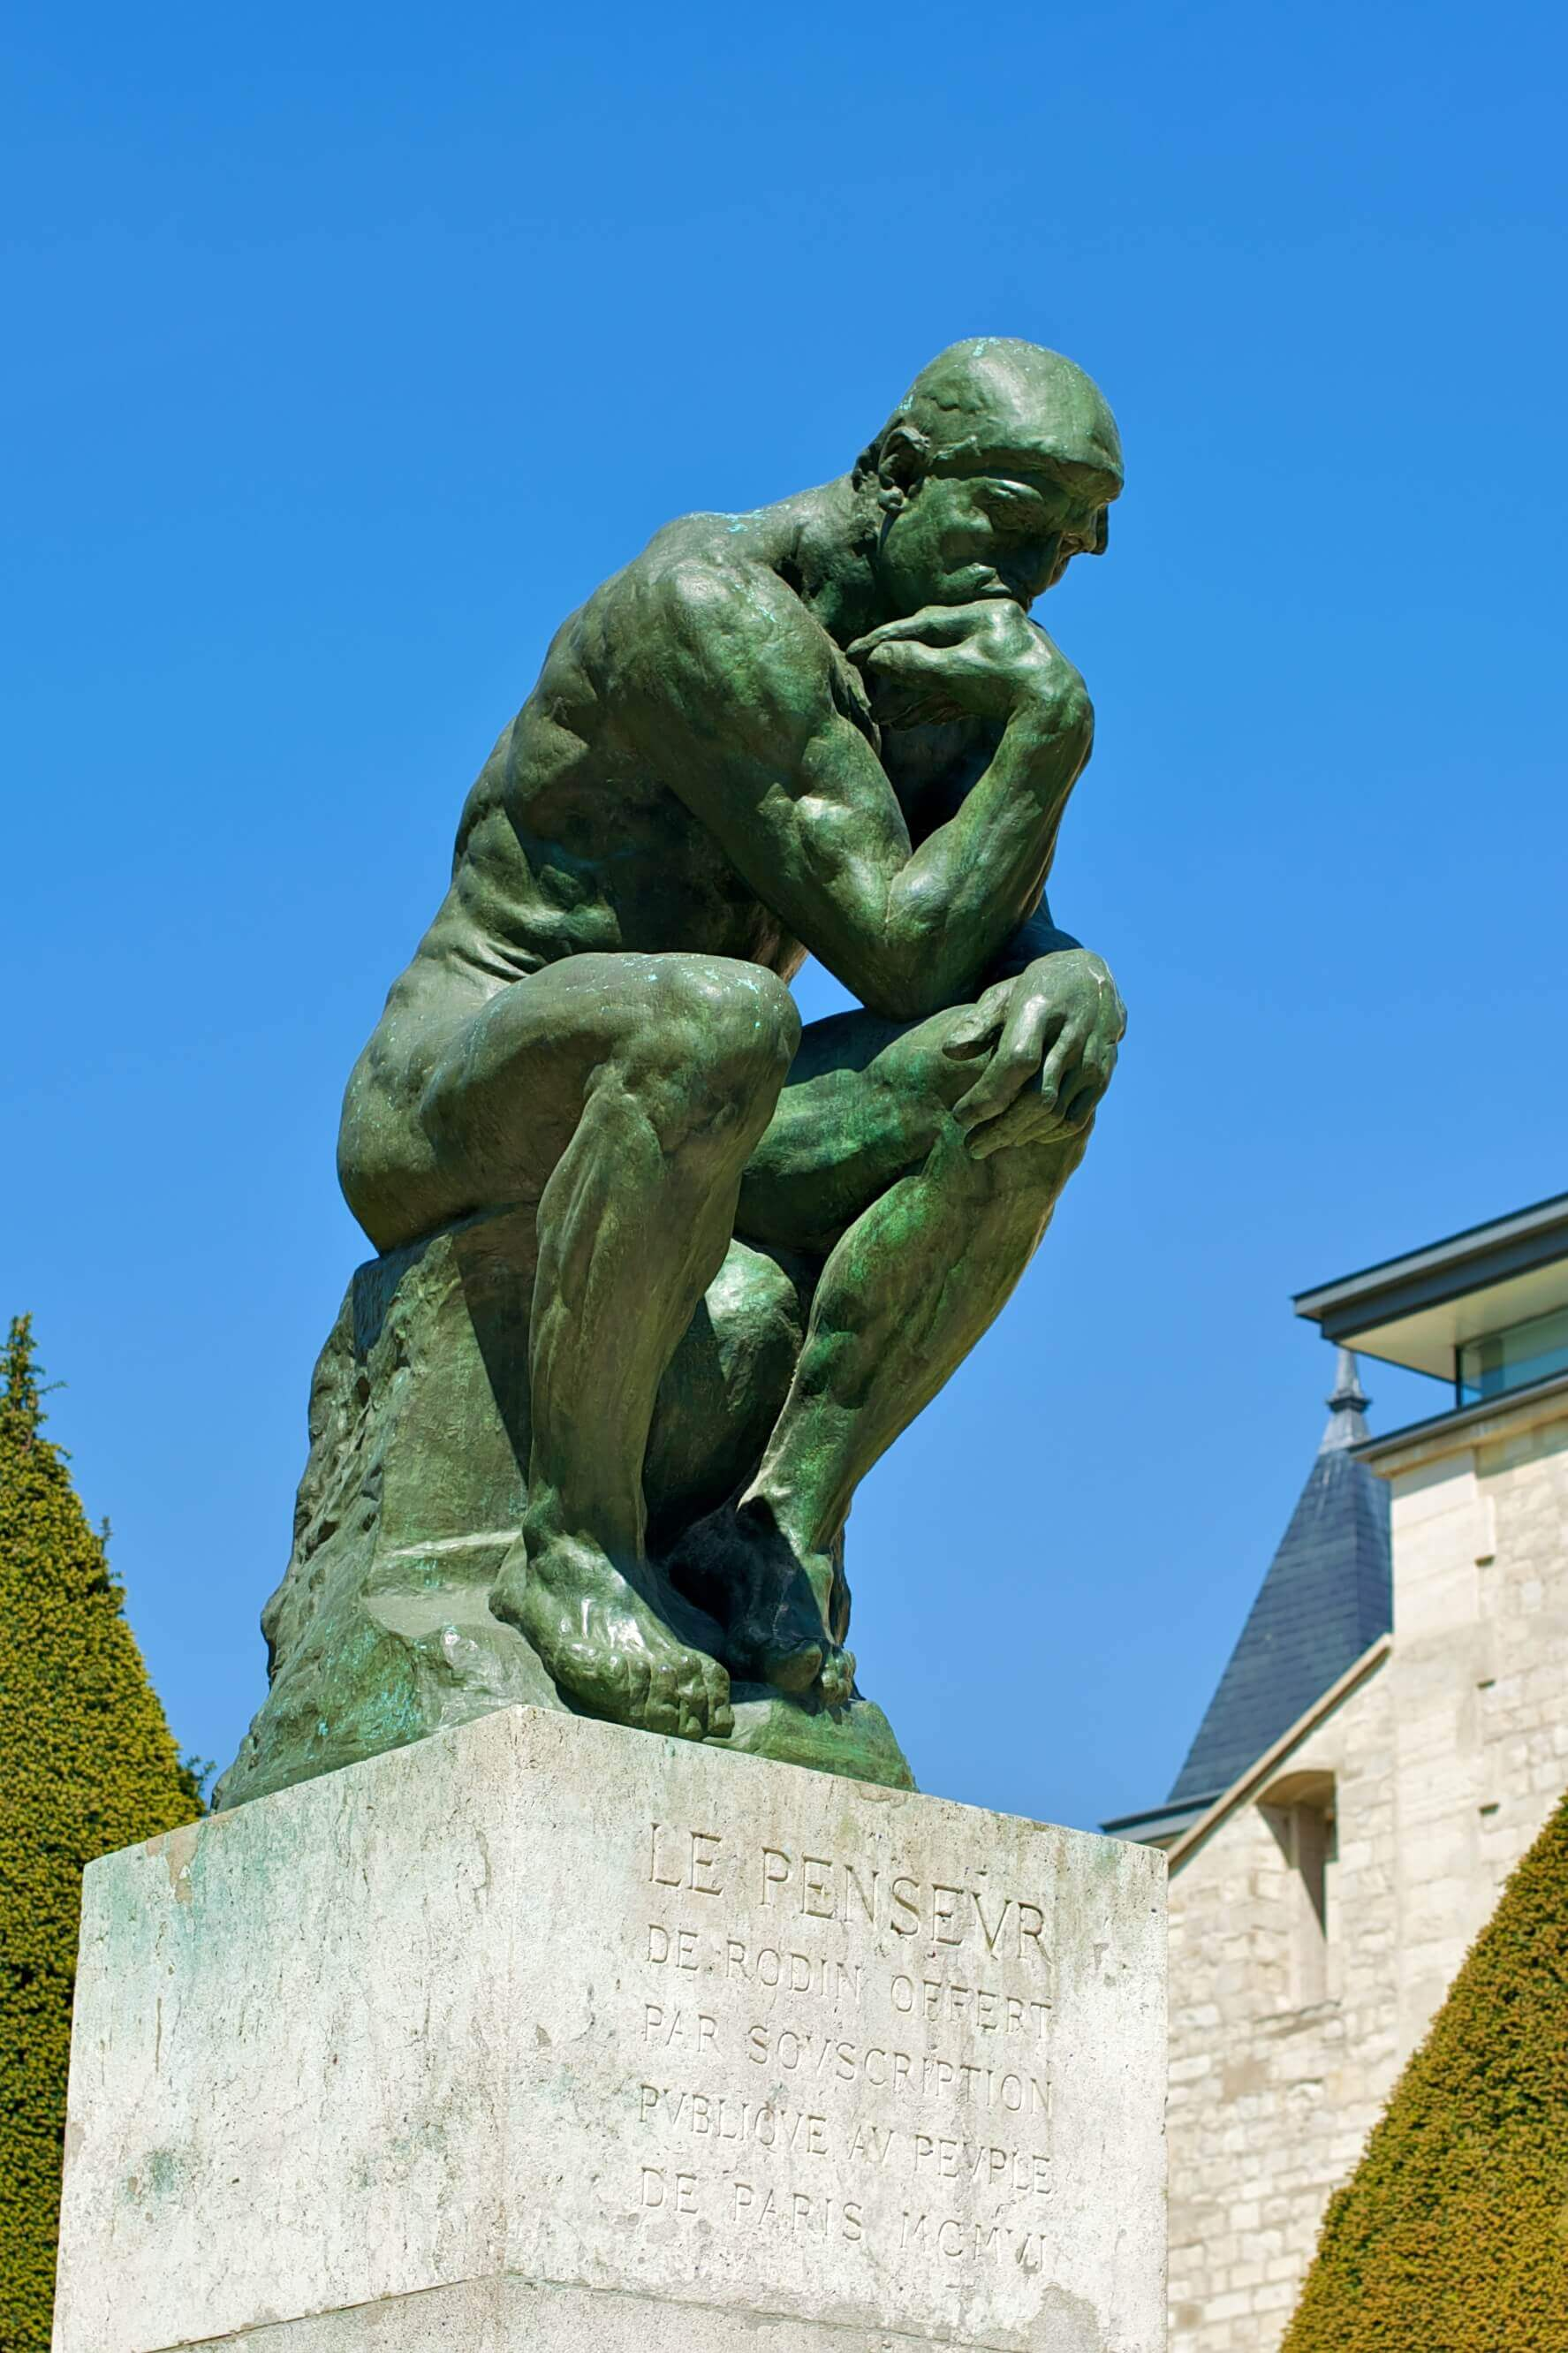 'De denker' van Rodin